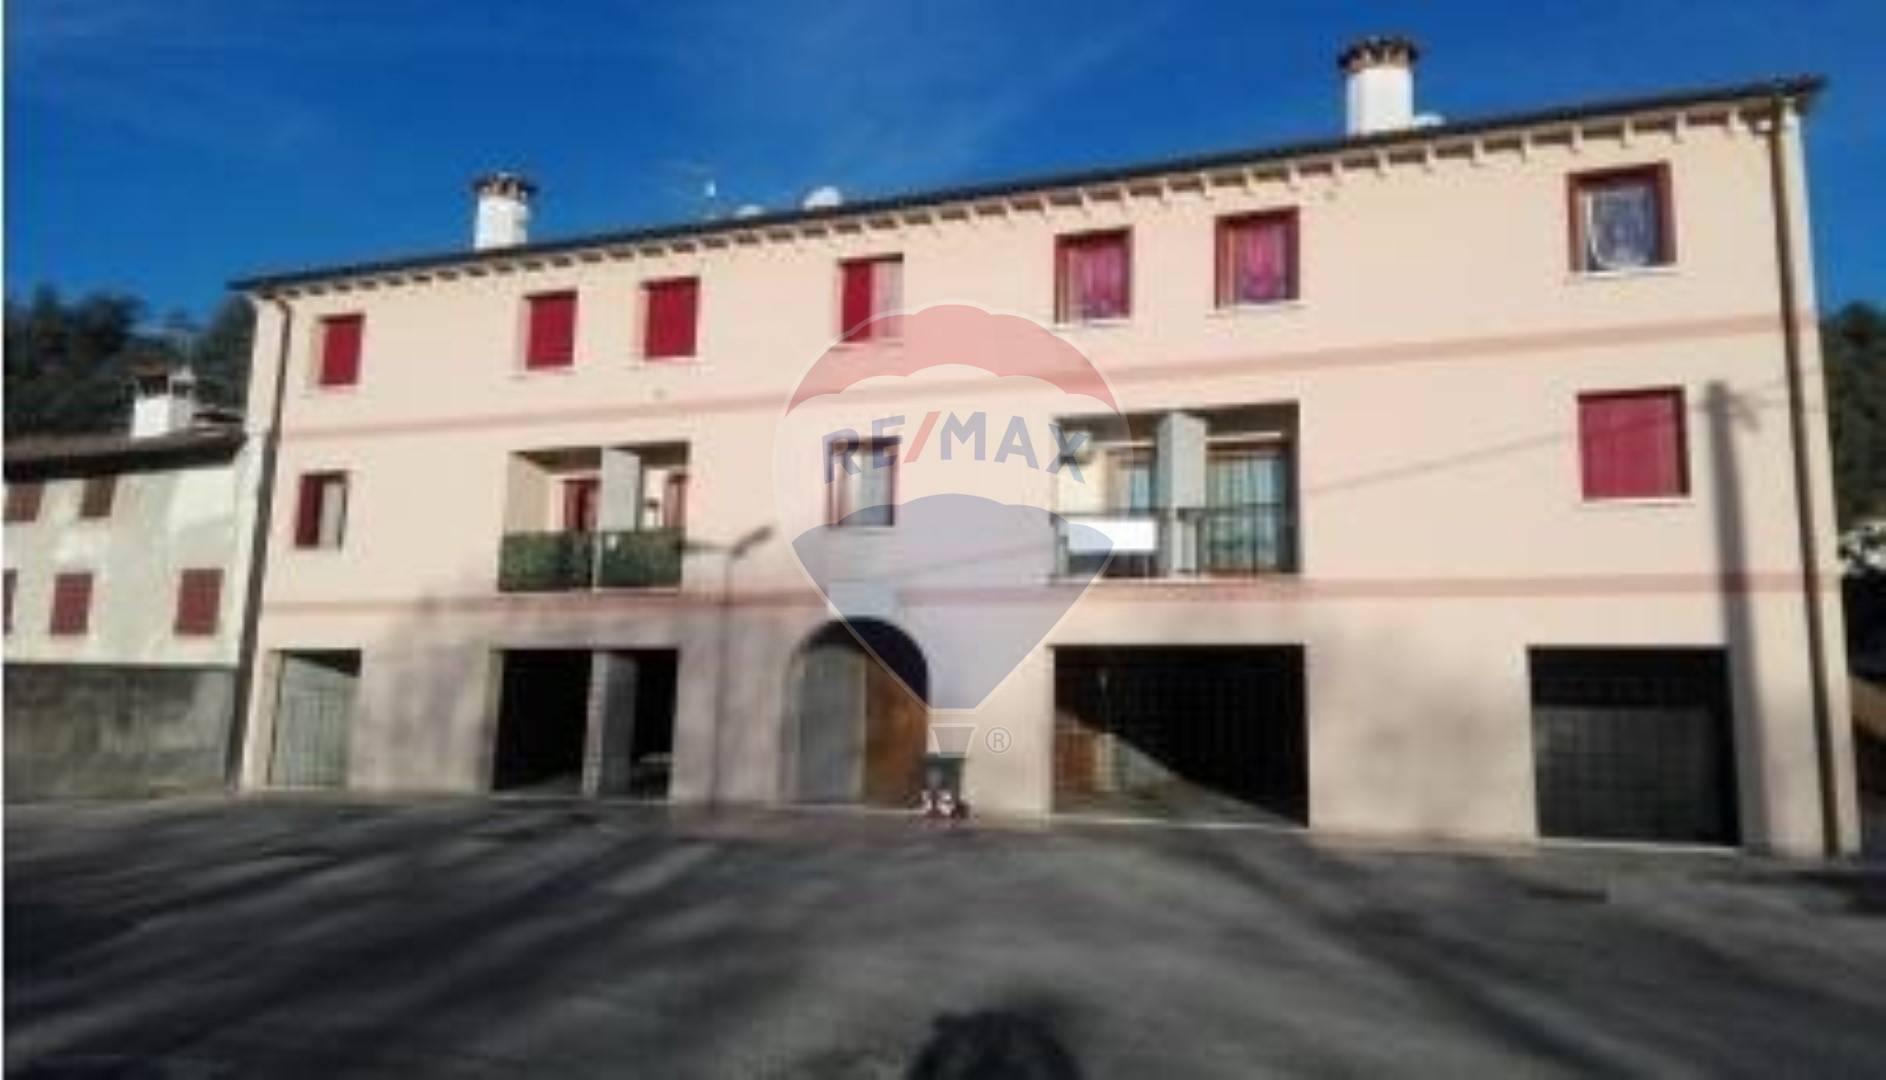 Negozio / Locale in vendita a Cavaso del Tomba, 9999 locali, prezzo € 550.000 | CambioCasa.it